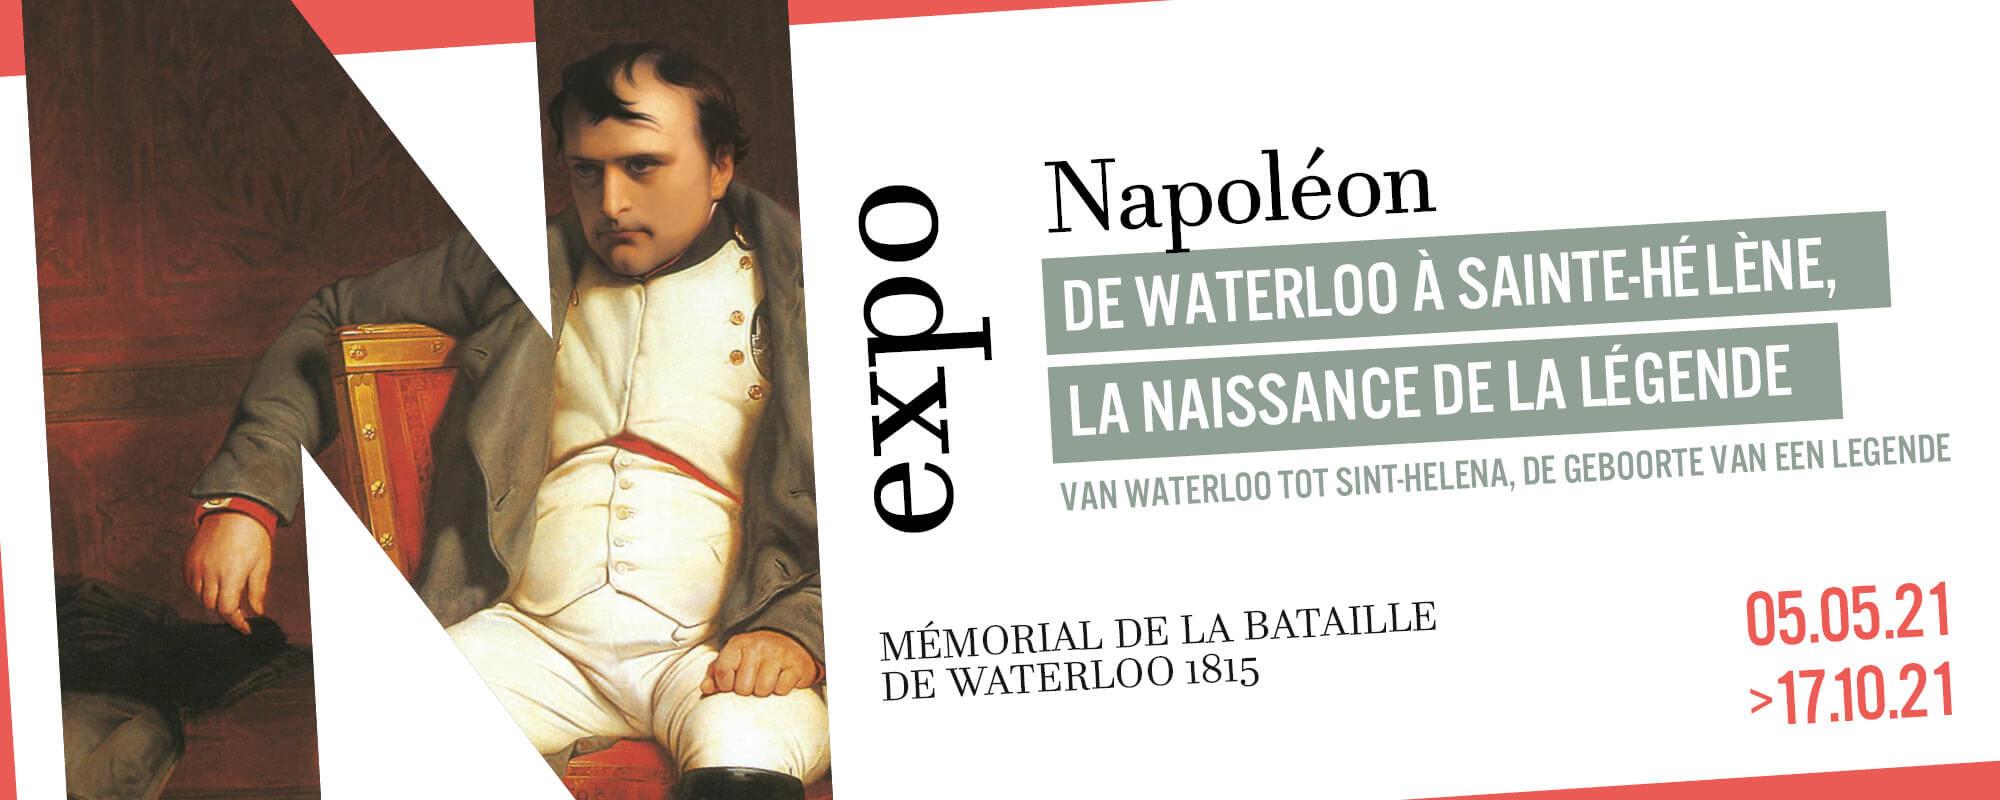 Exposition Napoléon Waterloo 1815